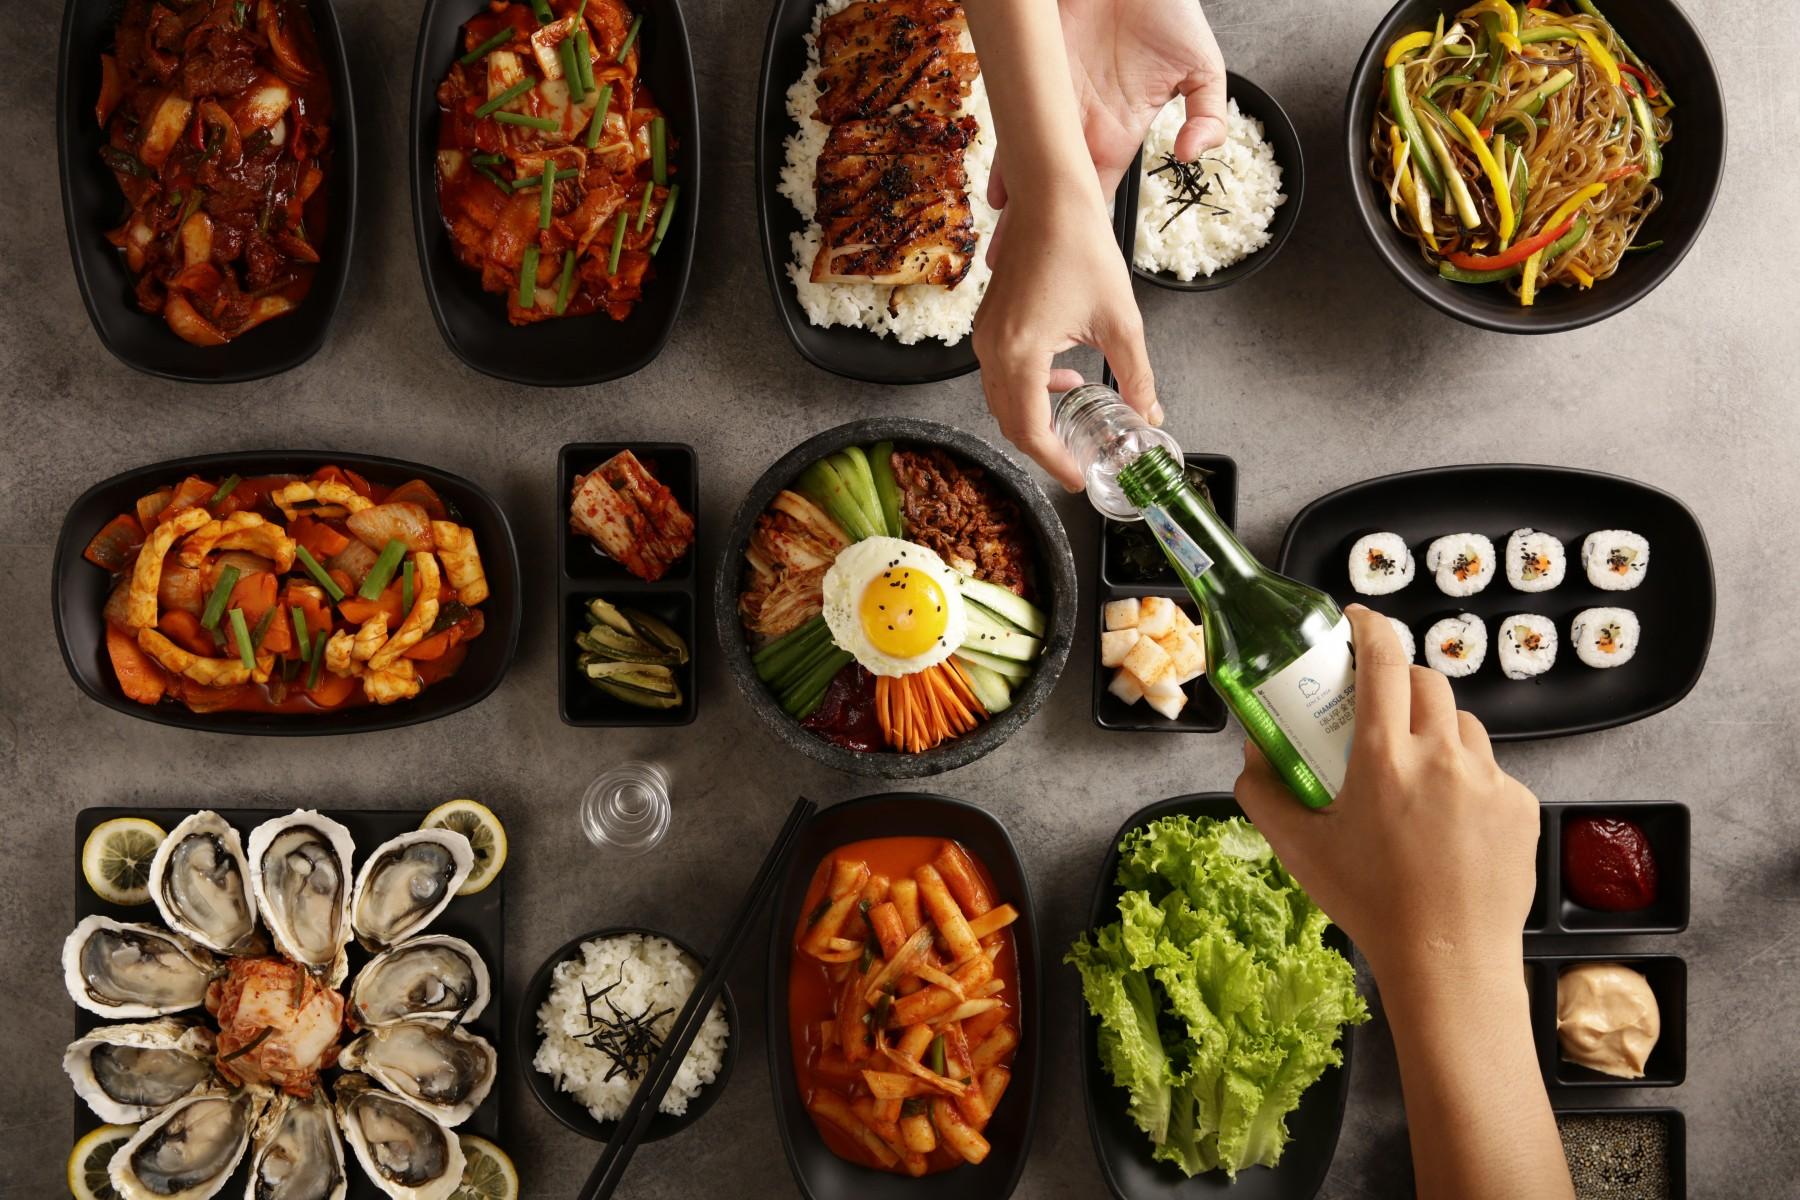 Tiệc-tự-chọn-ẩm-thực-quốc-tế-International-Buffet-Best-Buffet-in-Danang-Rượu-Soju-Cơm-trộn-Hàn-Quốc-Kimchi-Kimbap-Sò-điệp-Tokbokki-Photography-Restaurant-Epice-Danang-Restaurant